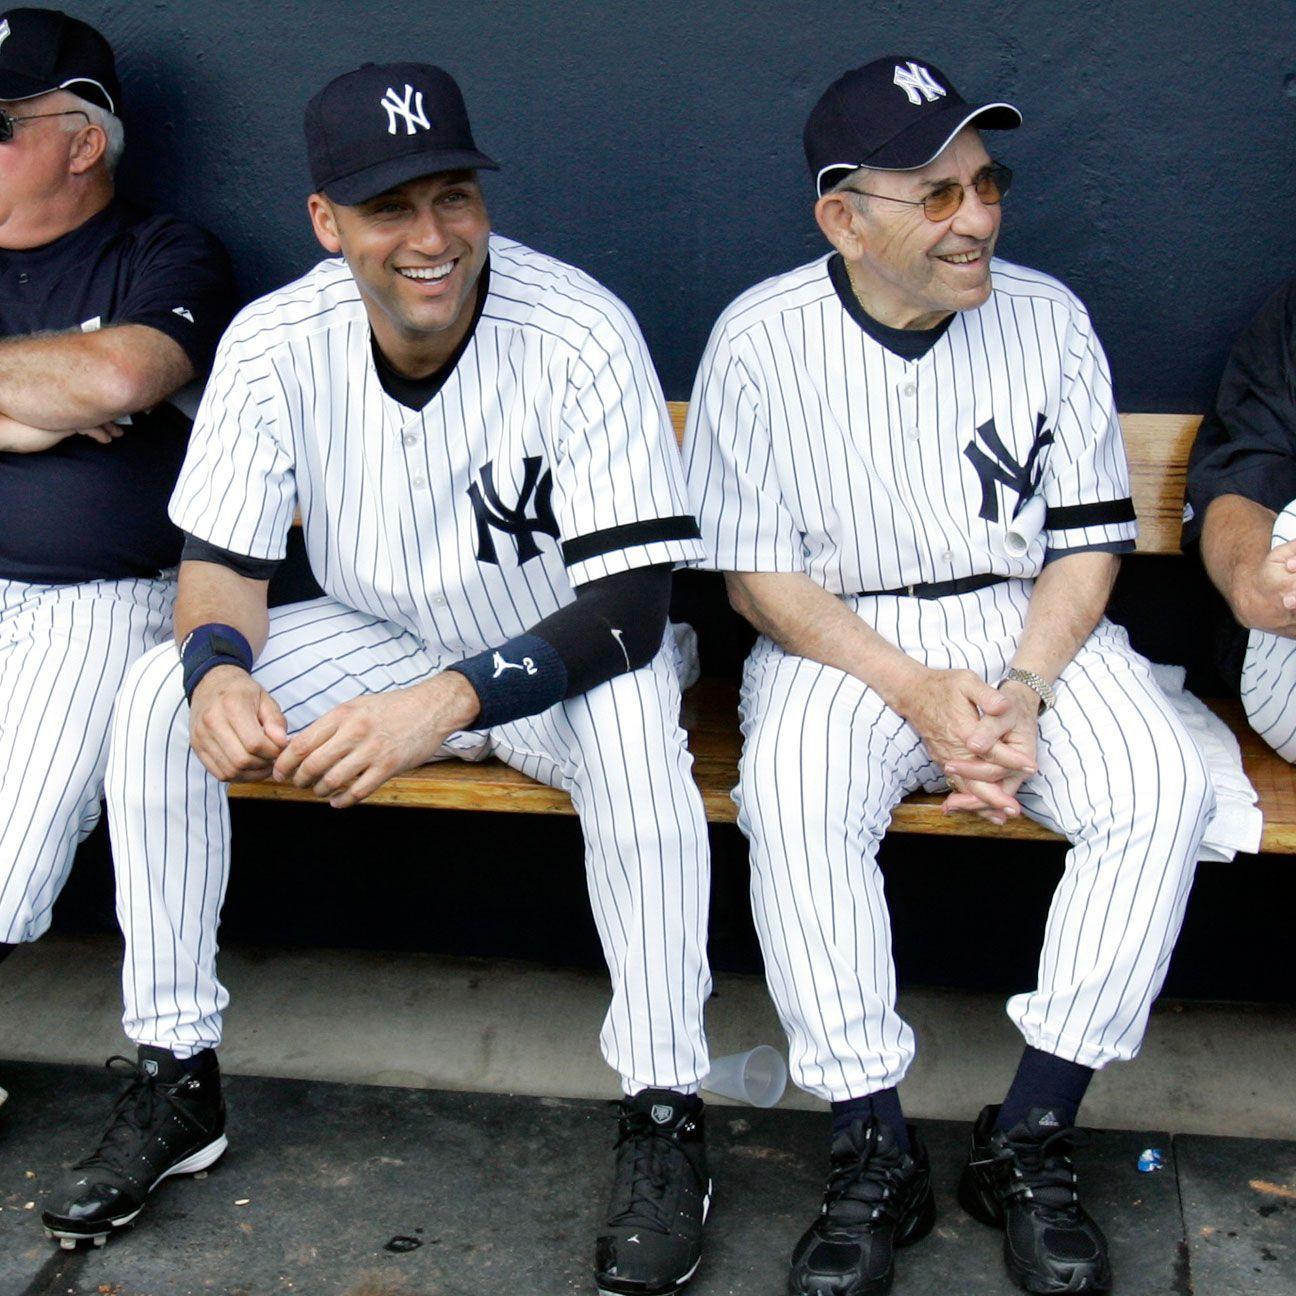 O Connor Berra Jeter Forged Friendship Across Generations New York Yankees Derek Jeter Yogi Berra